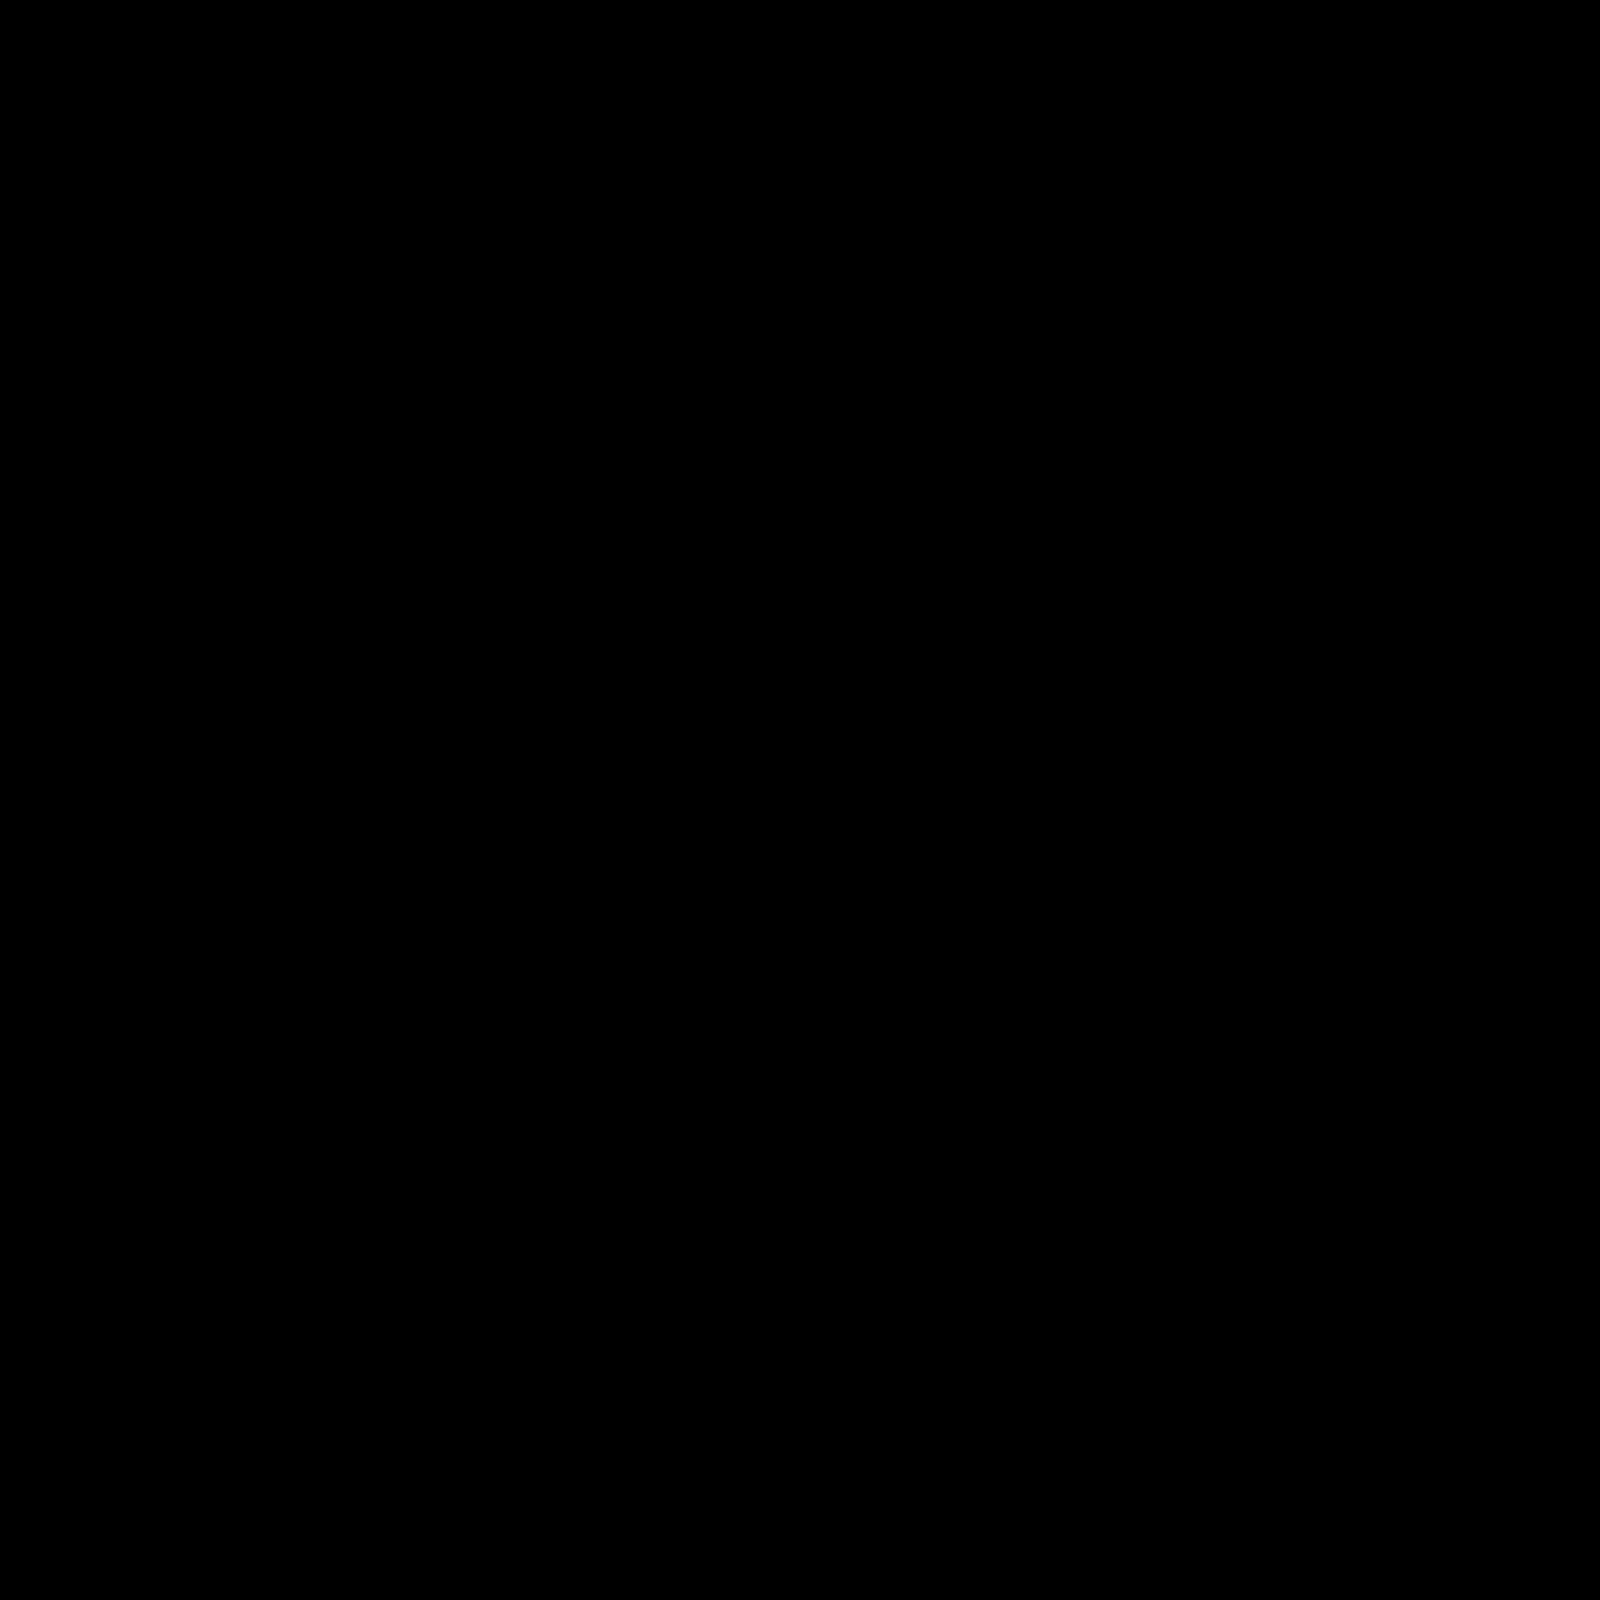 Kwadratowy zegar icon